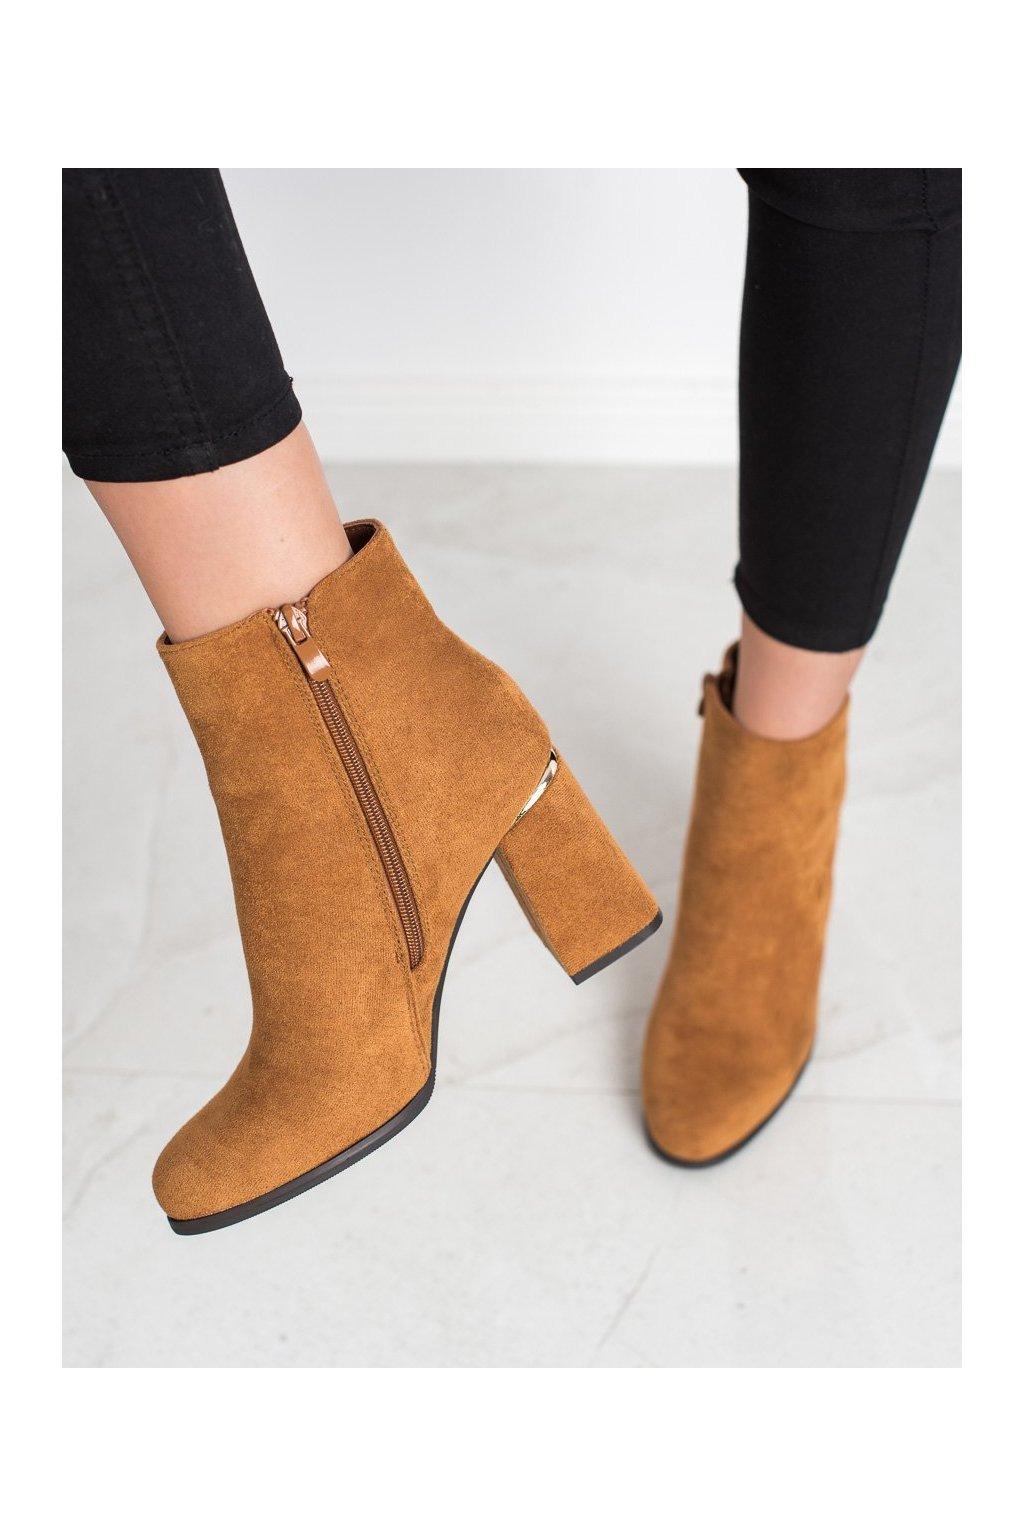 Hnedé dámske topánky Shelovet kod 6053C